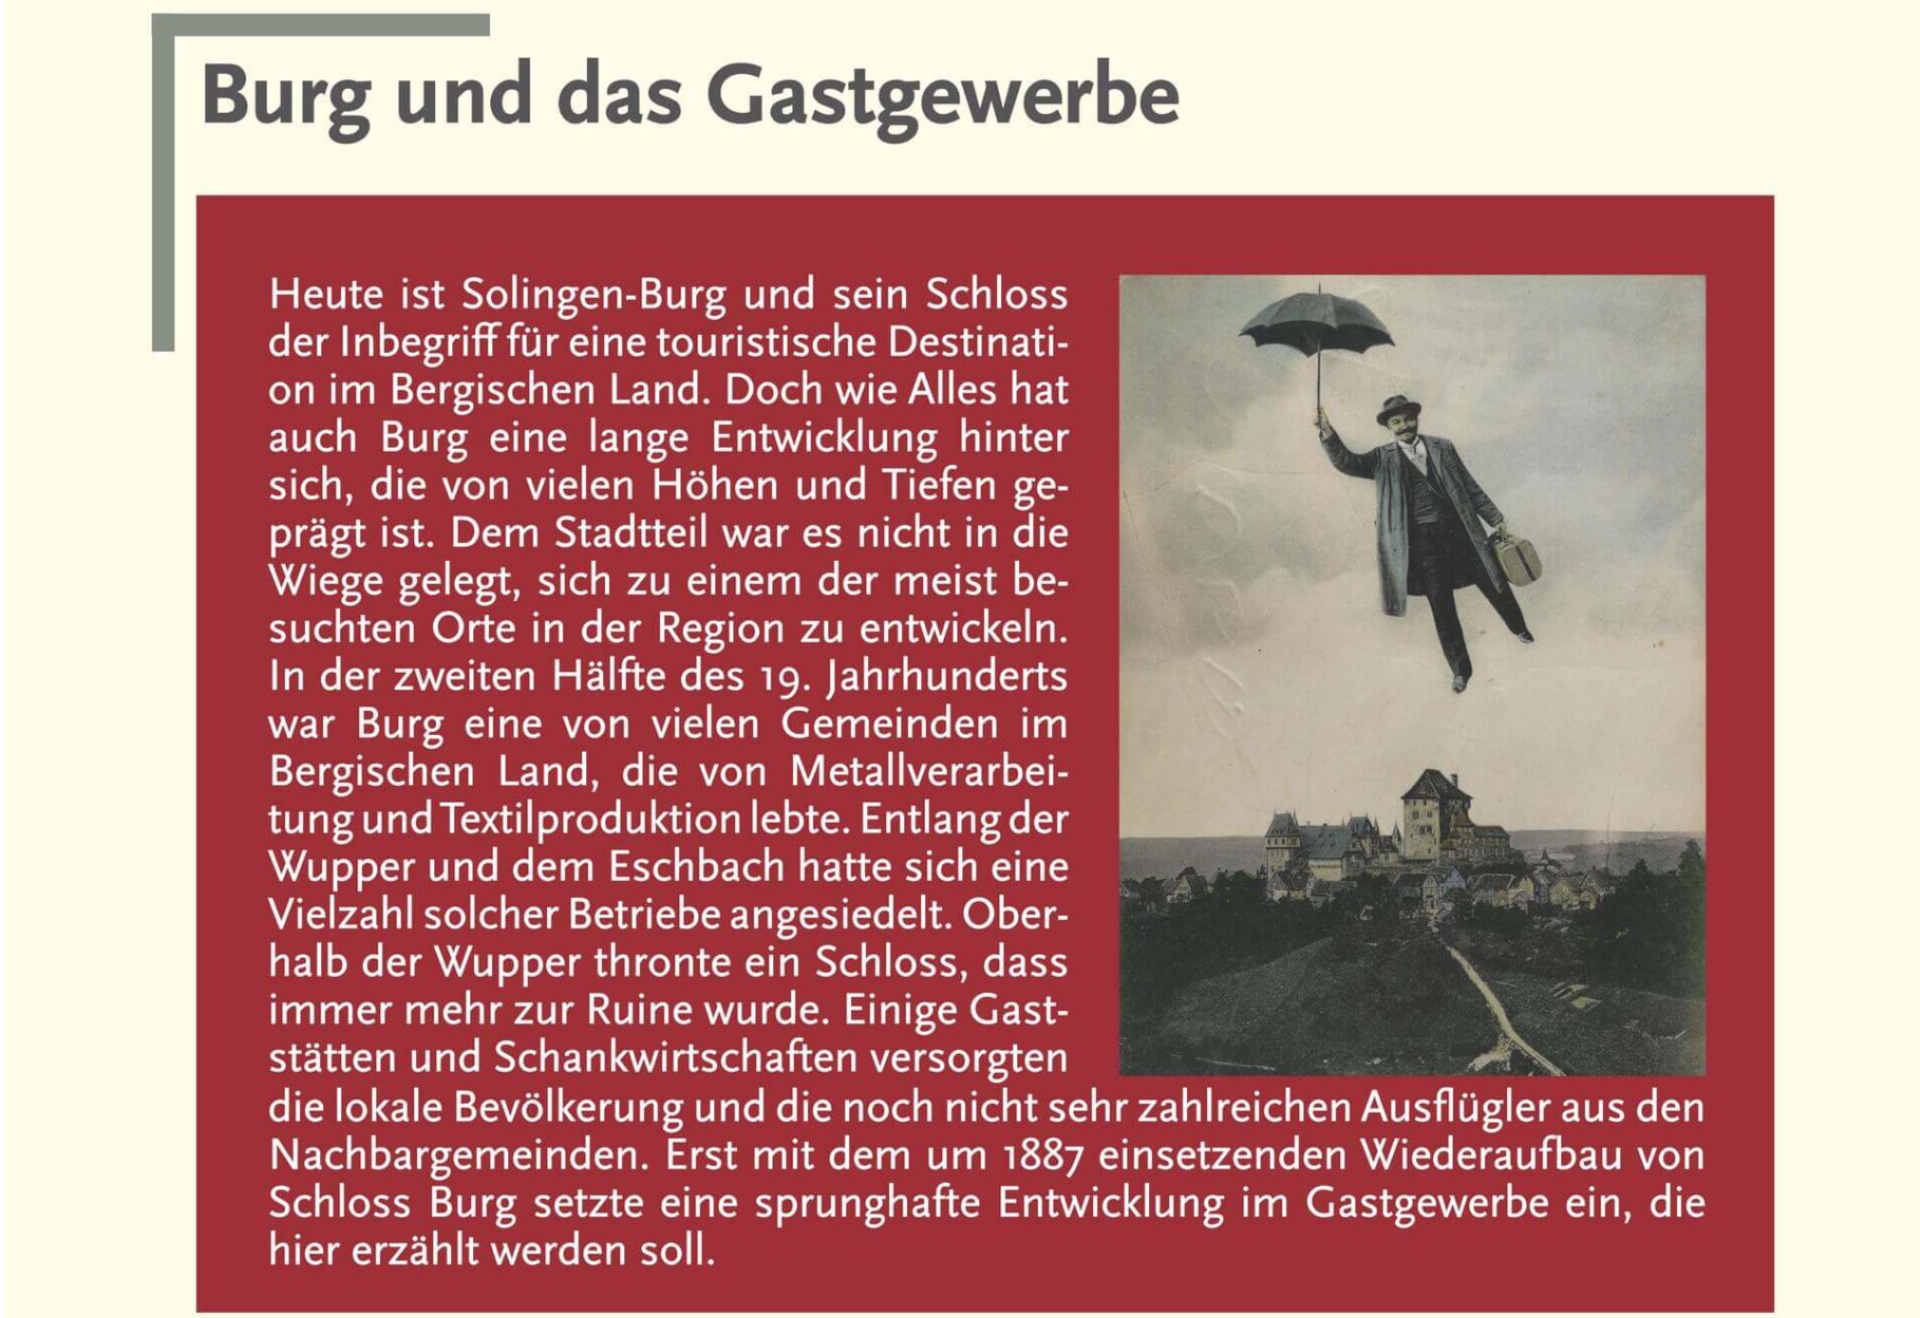 Ausstellung Burg Gastgewerbe